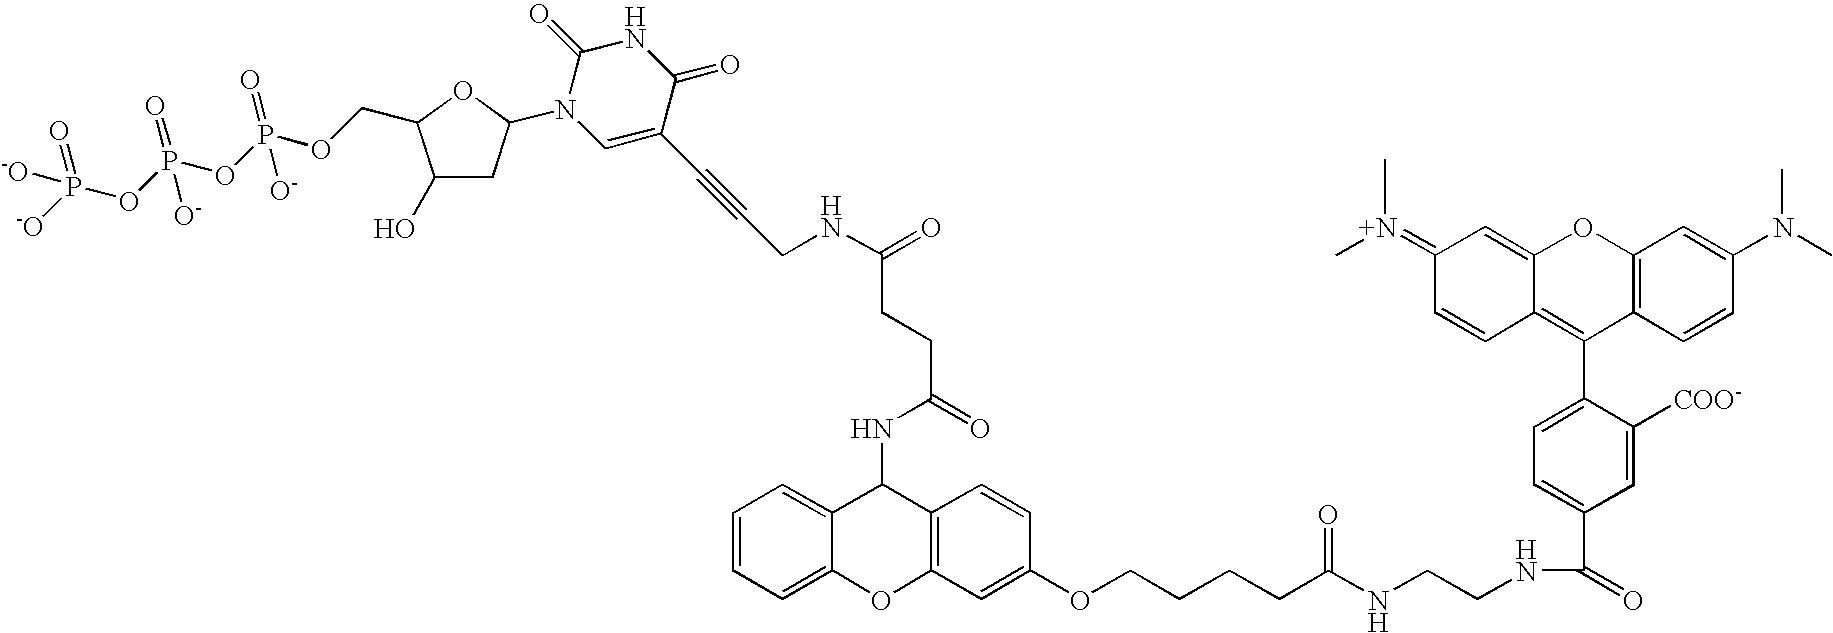 Figure US07772384-20100810-C00007